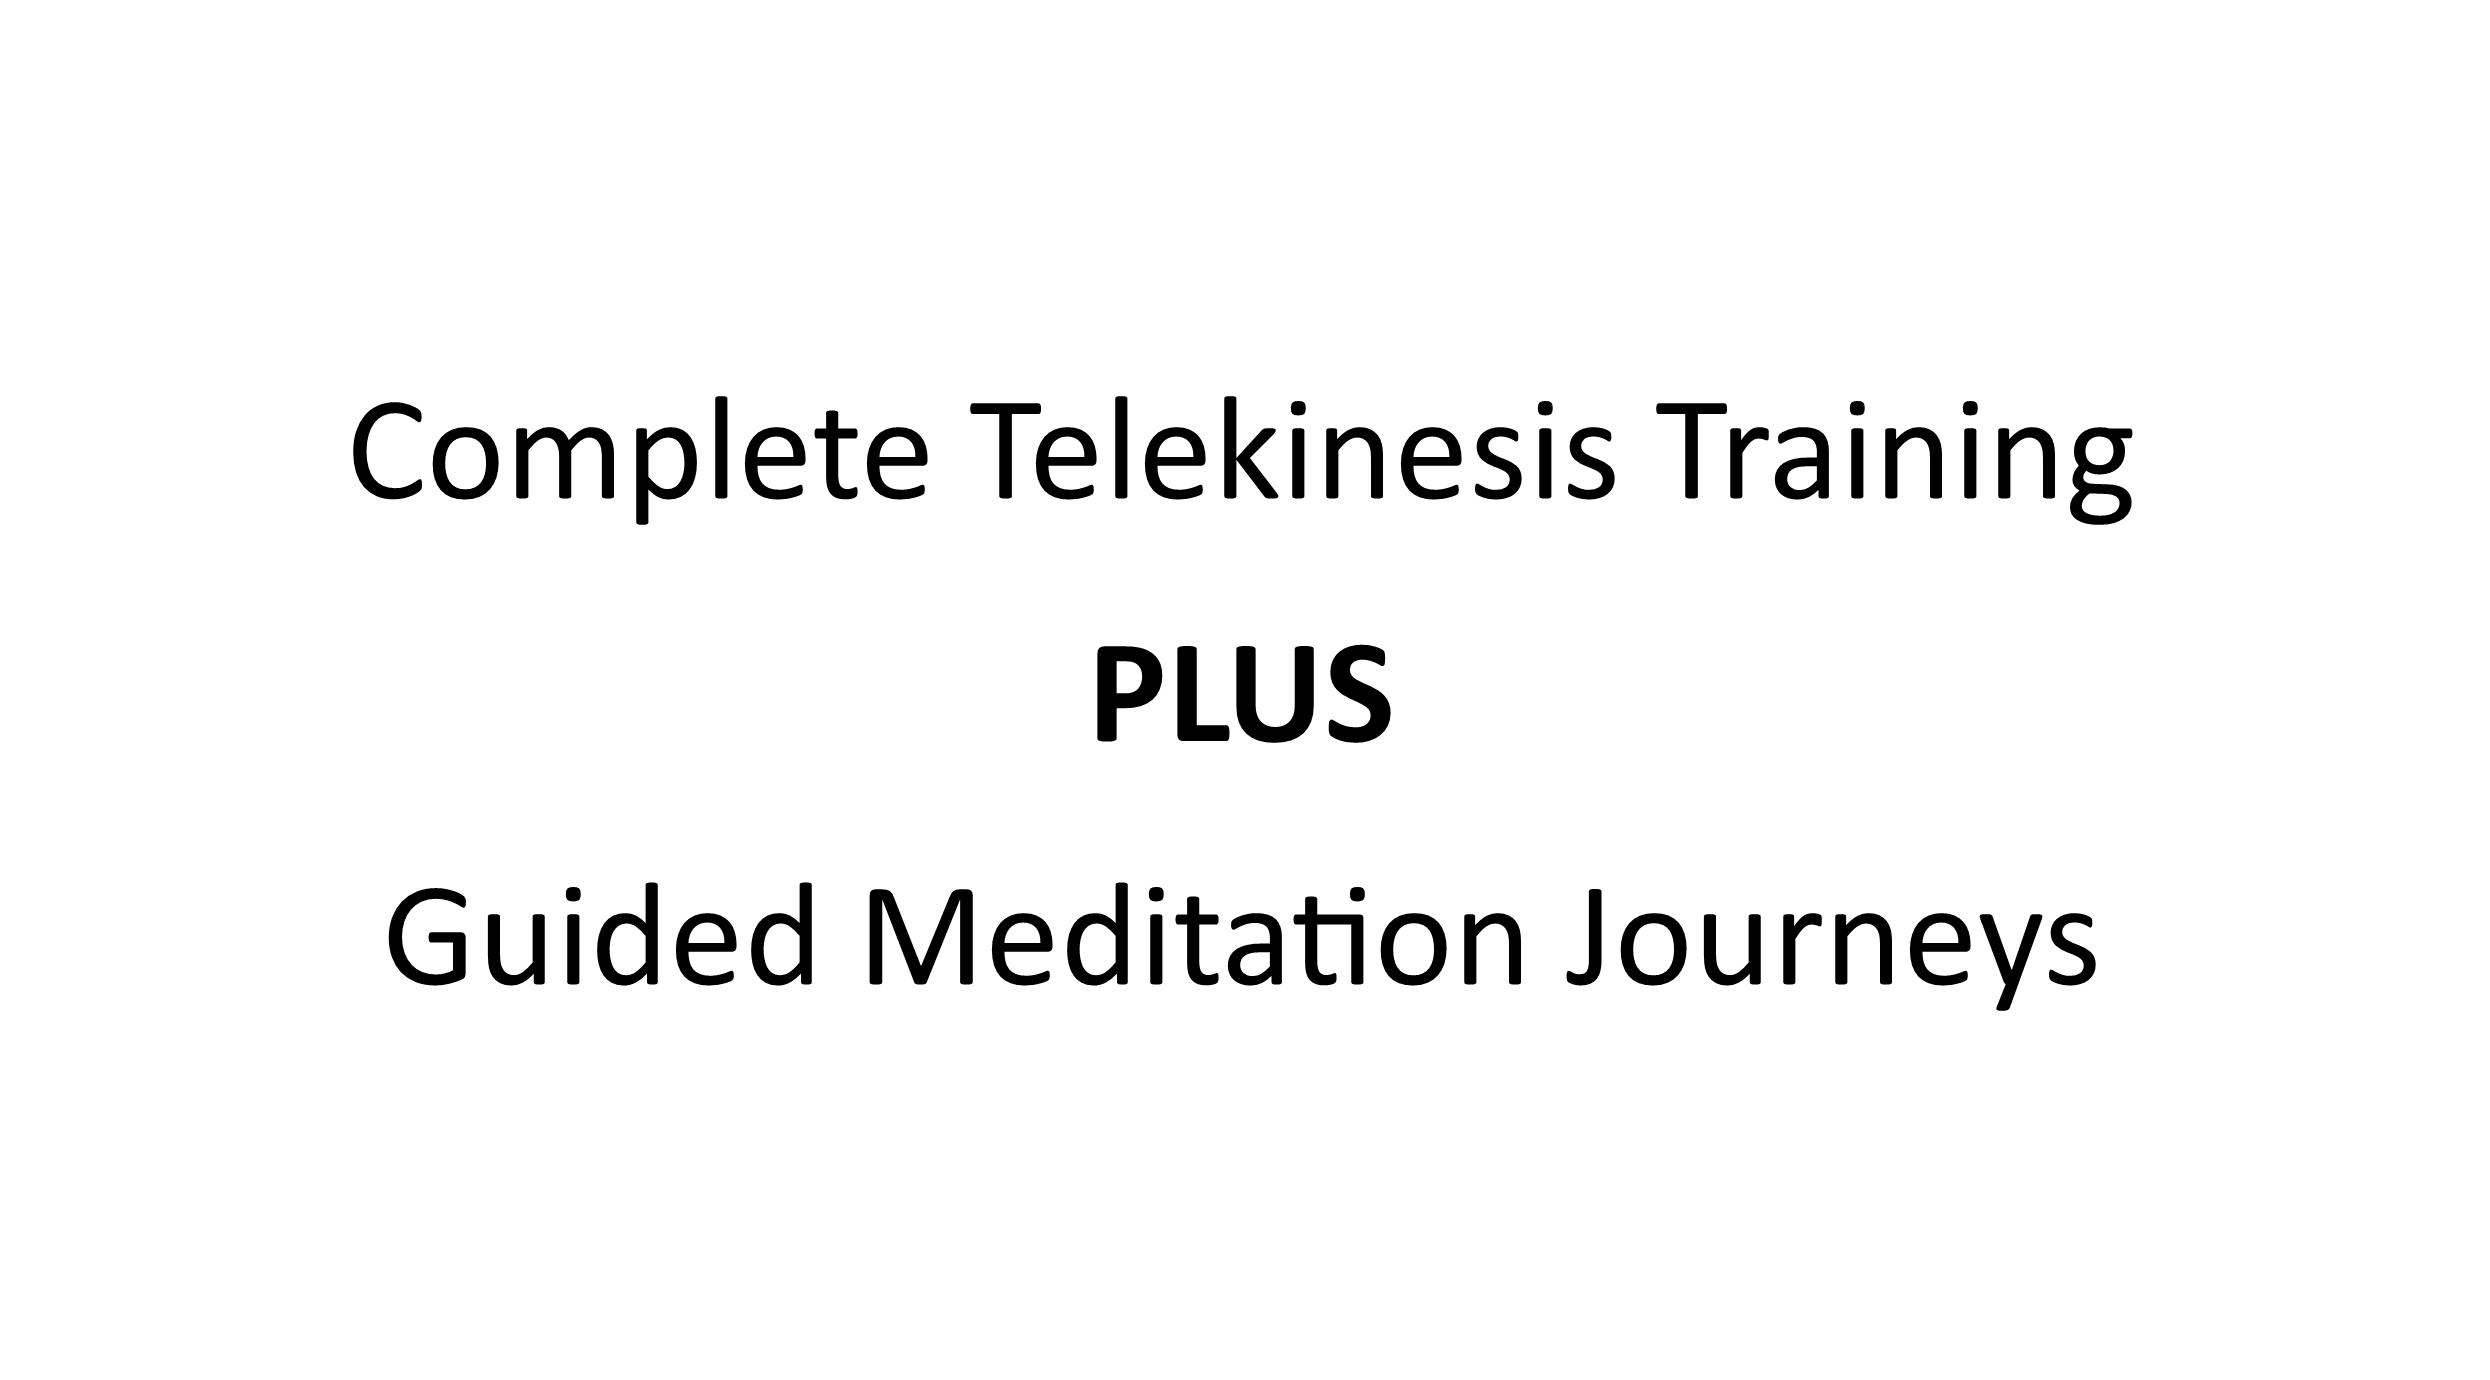 Complete Telekinesis Training PLUS Guided Meditation Journeys